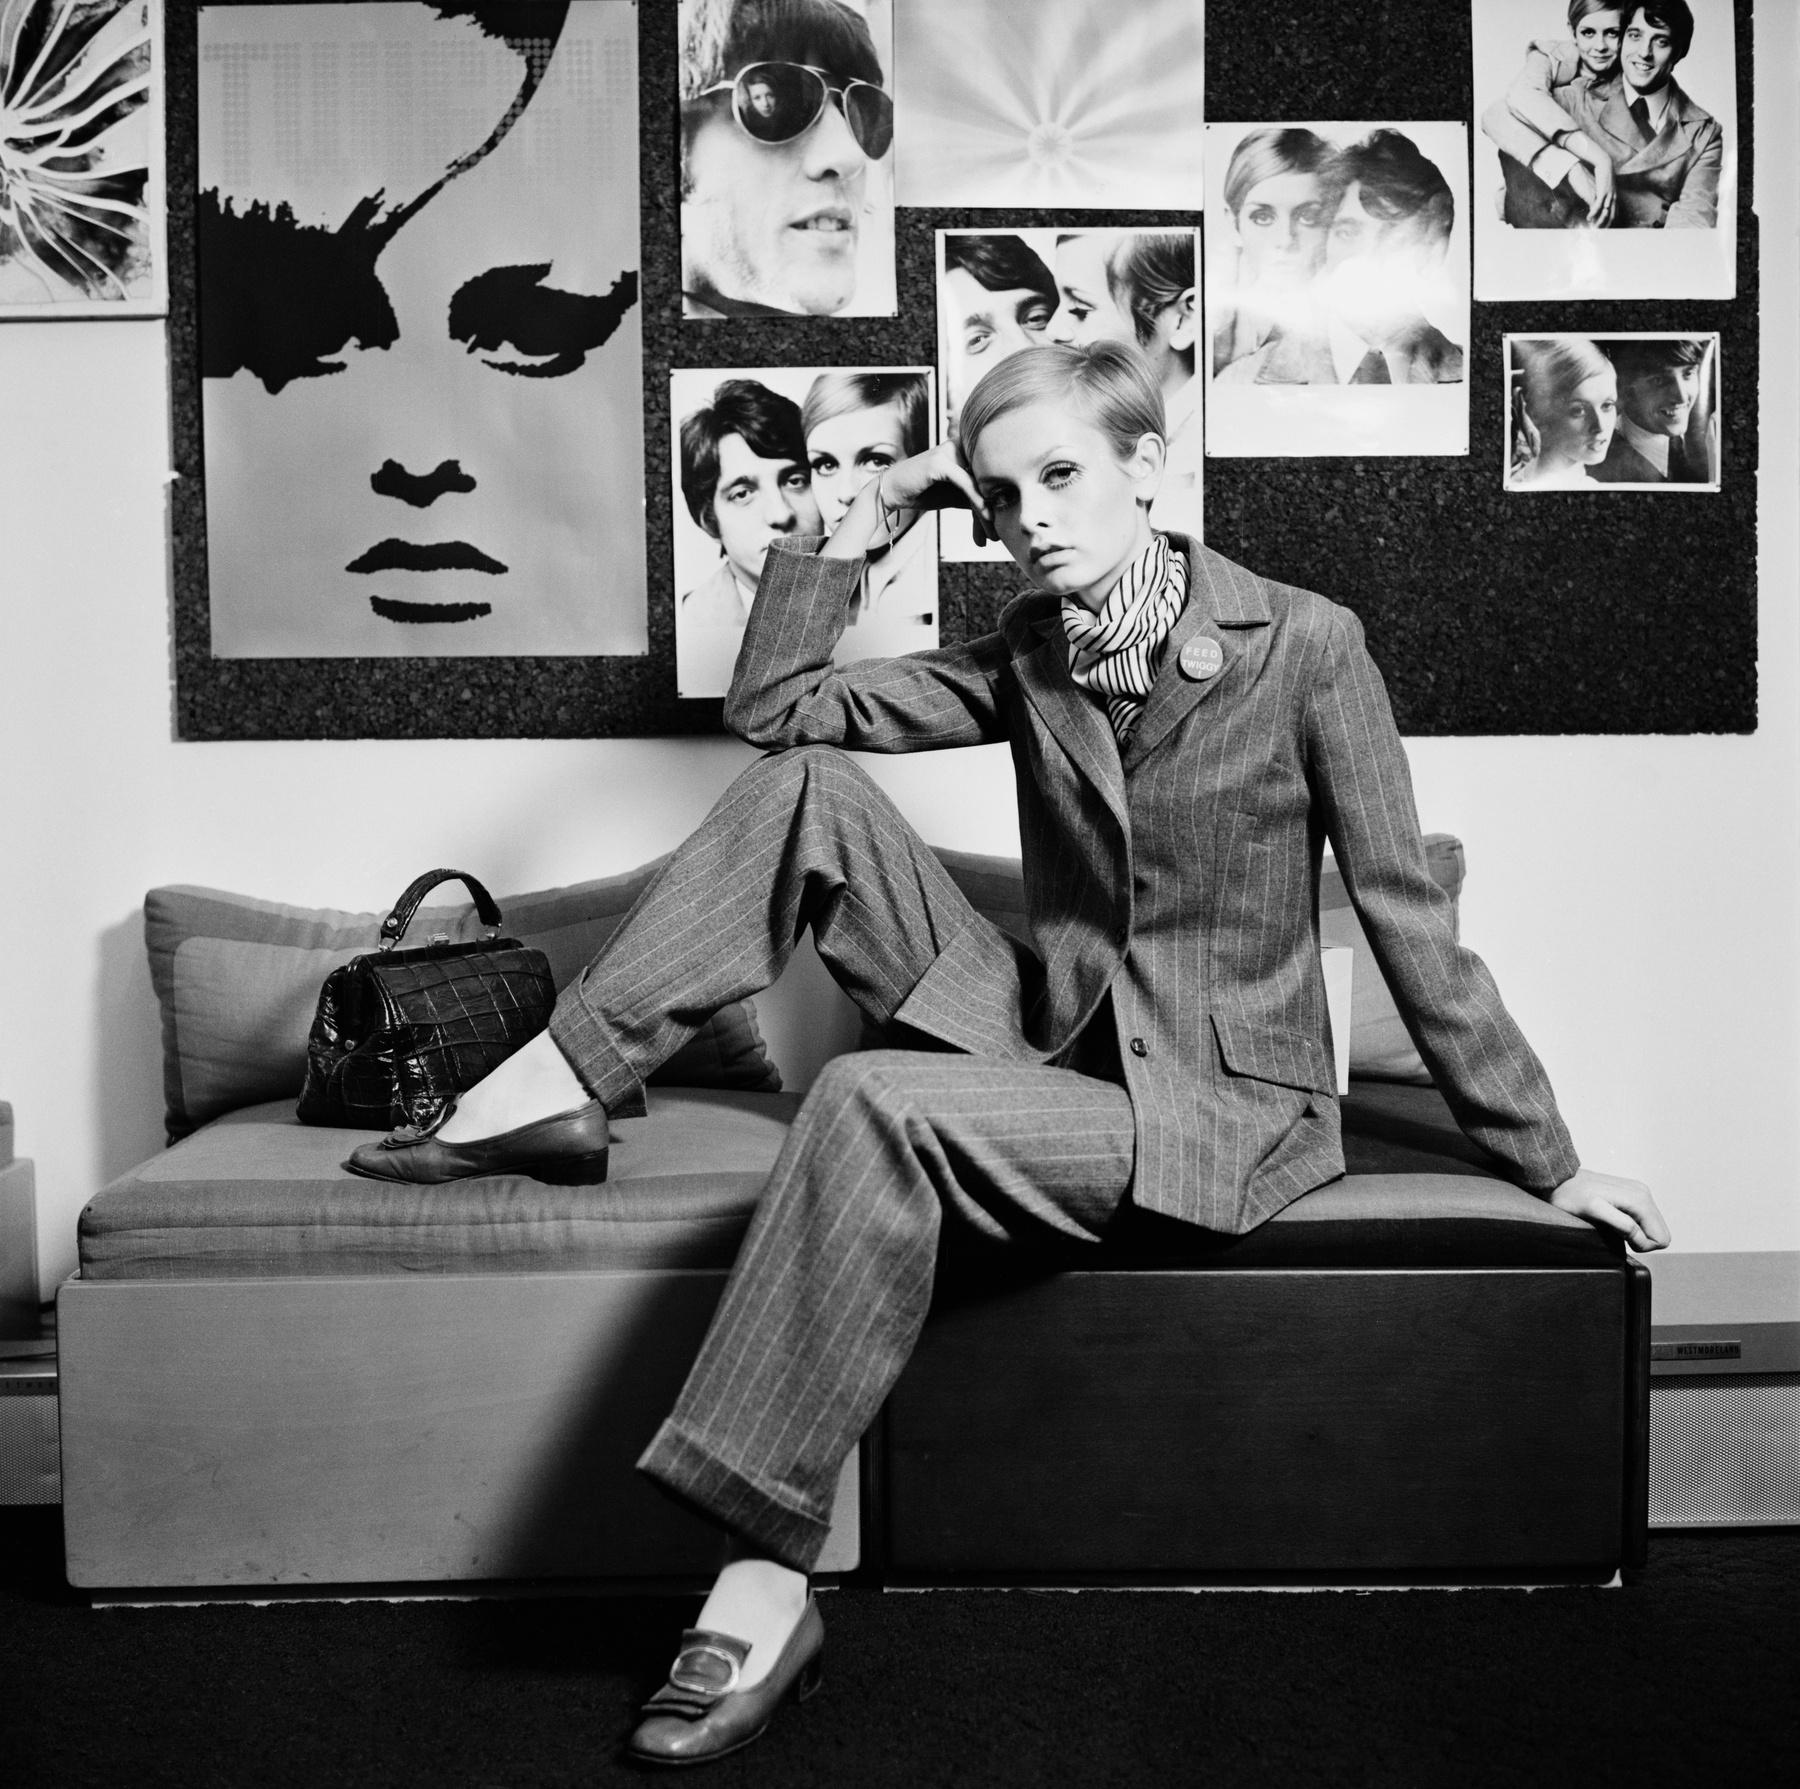 0451e981c1 Gisele Bündchent Karl Lagerfeld kapta lencsevégre csíkosban a Chanel  2015-ös tavaszi-nyári kampányába ...